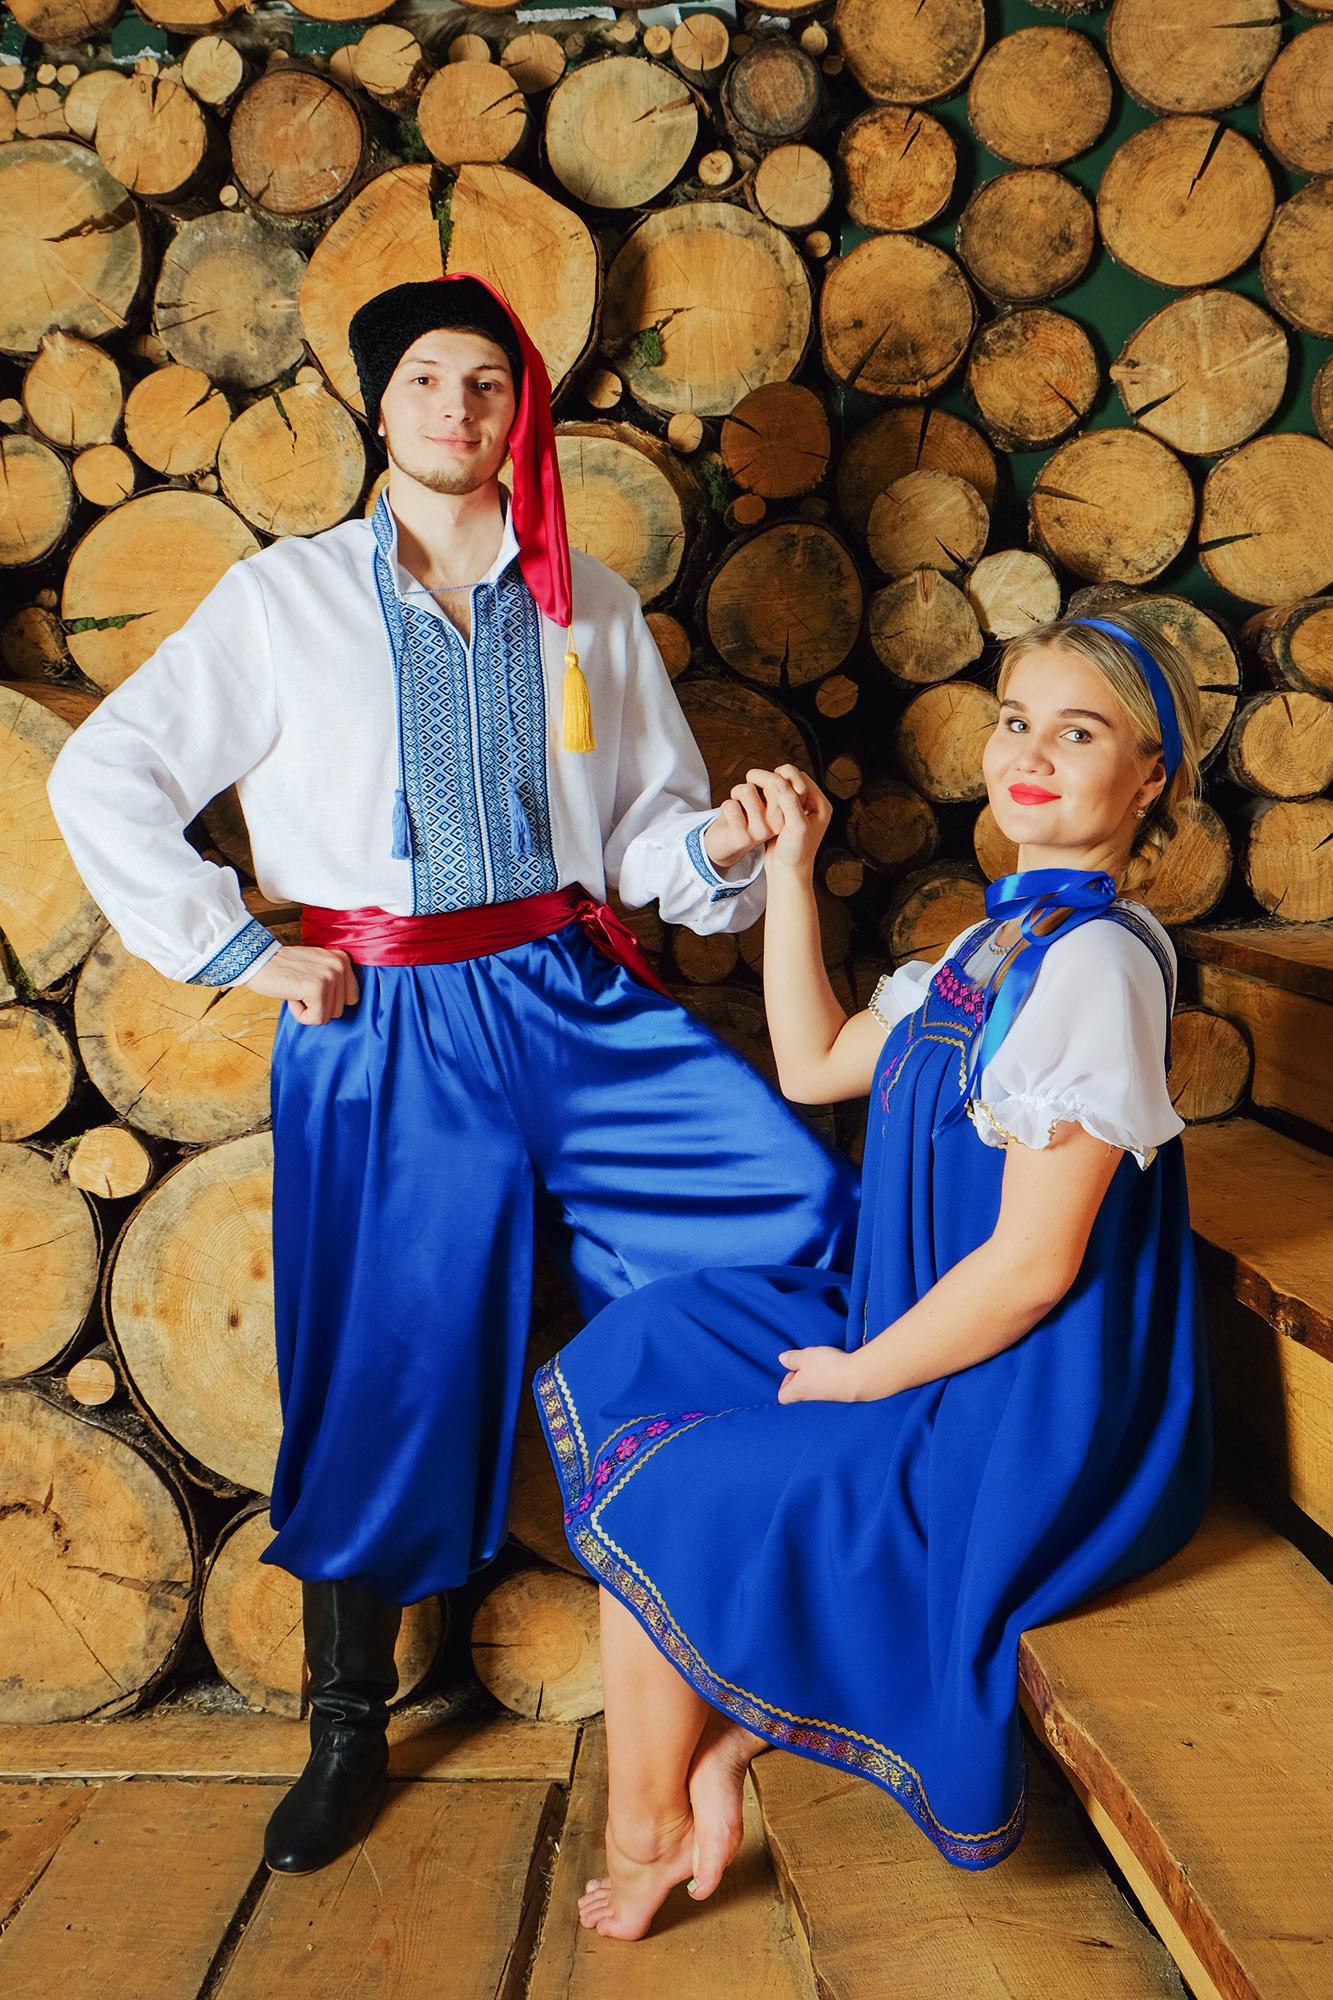 народный украинский костюм в паре